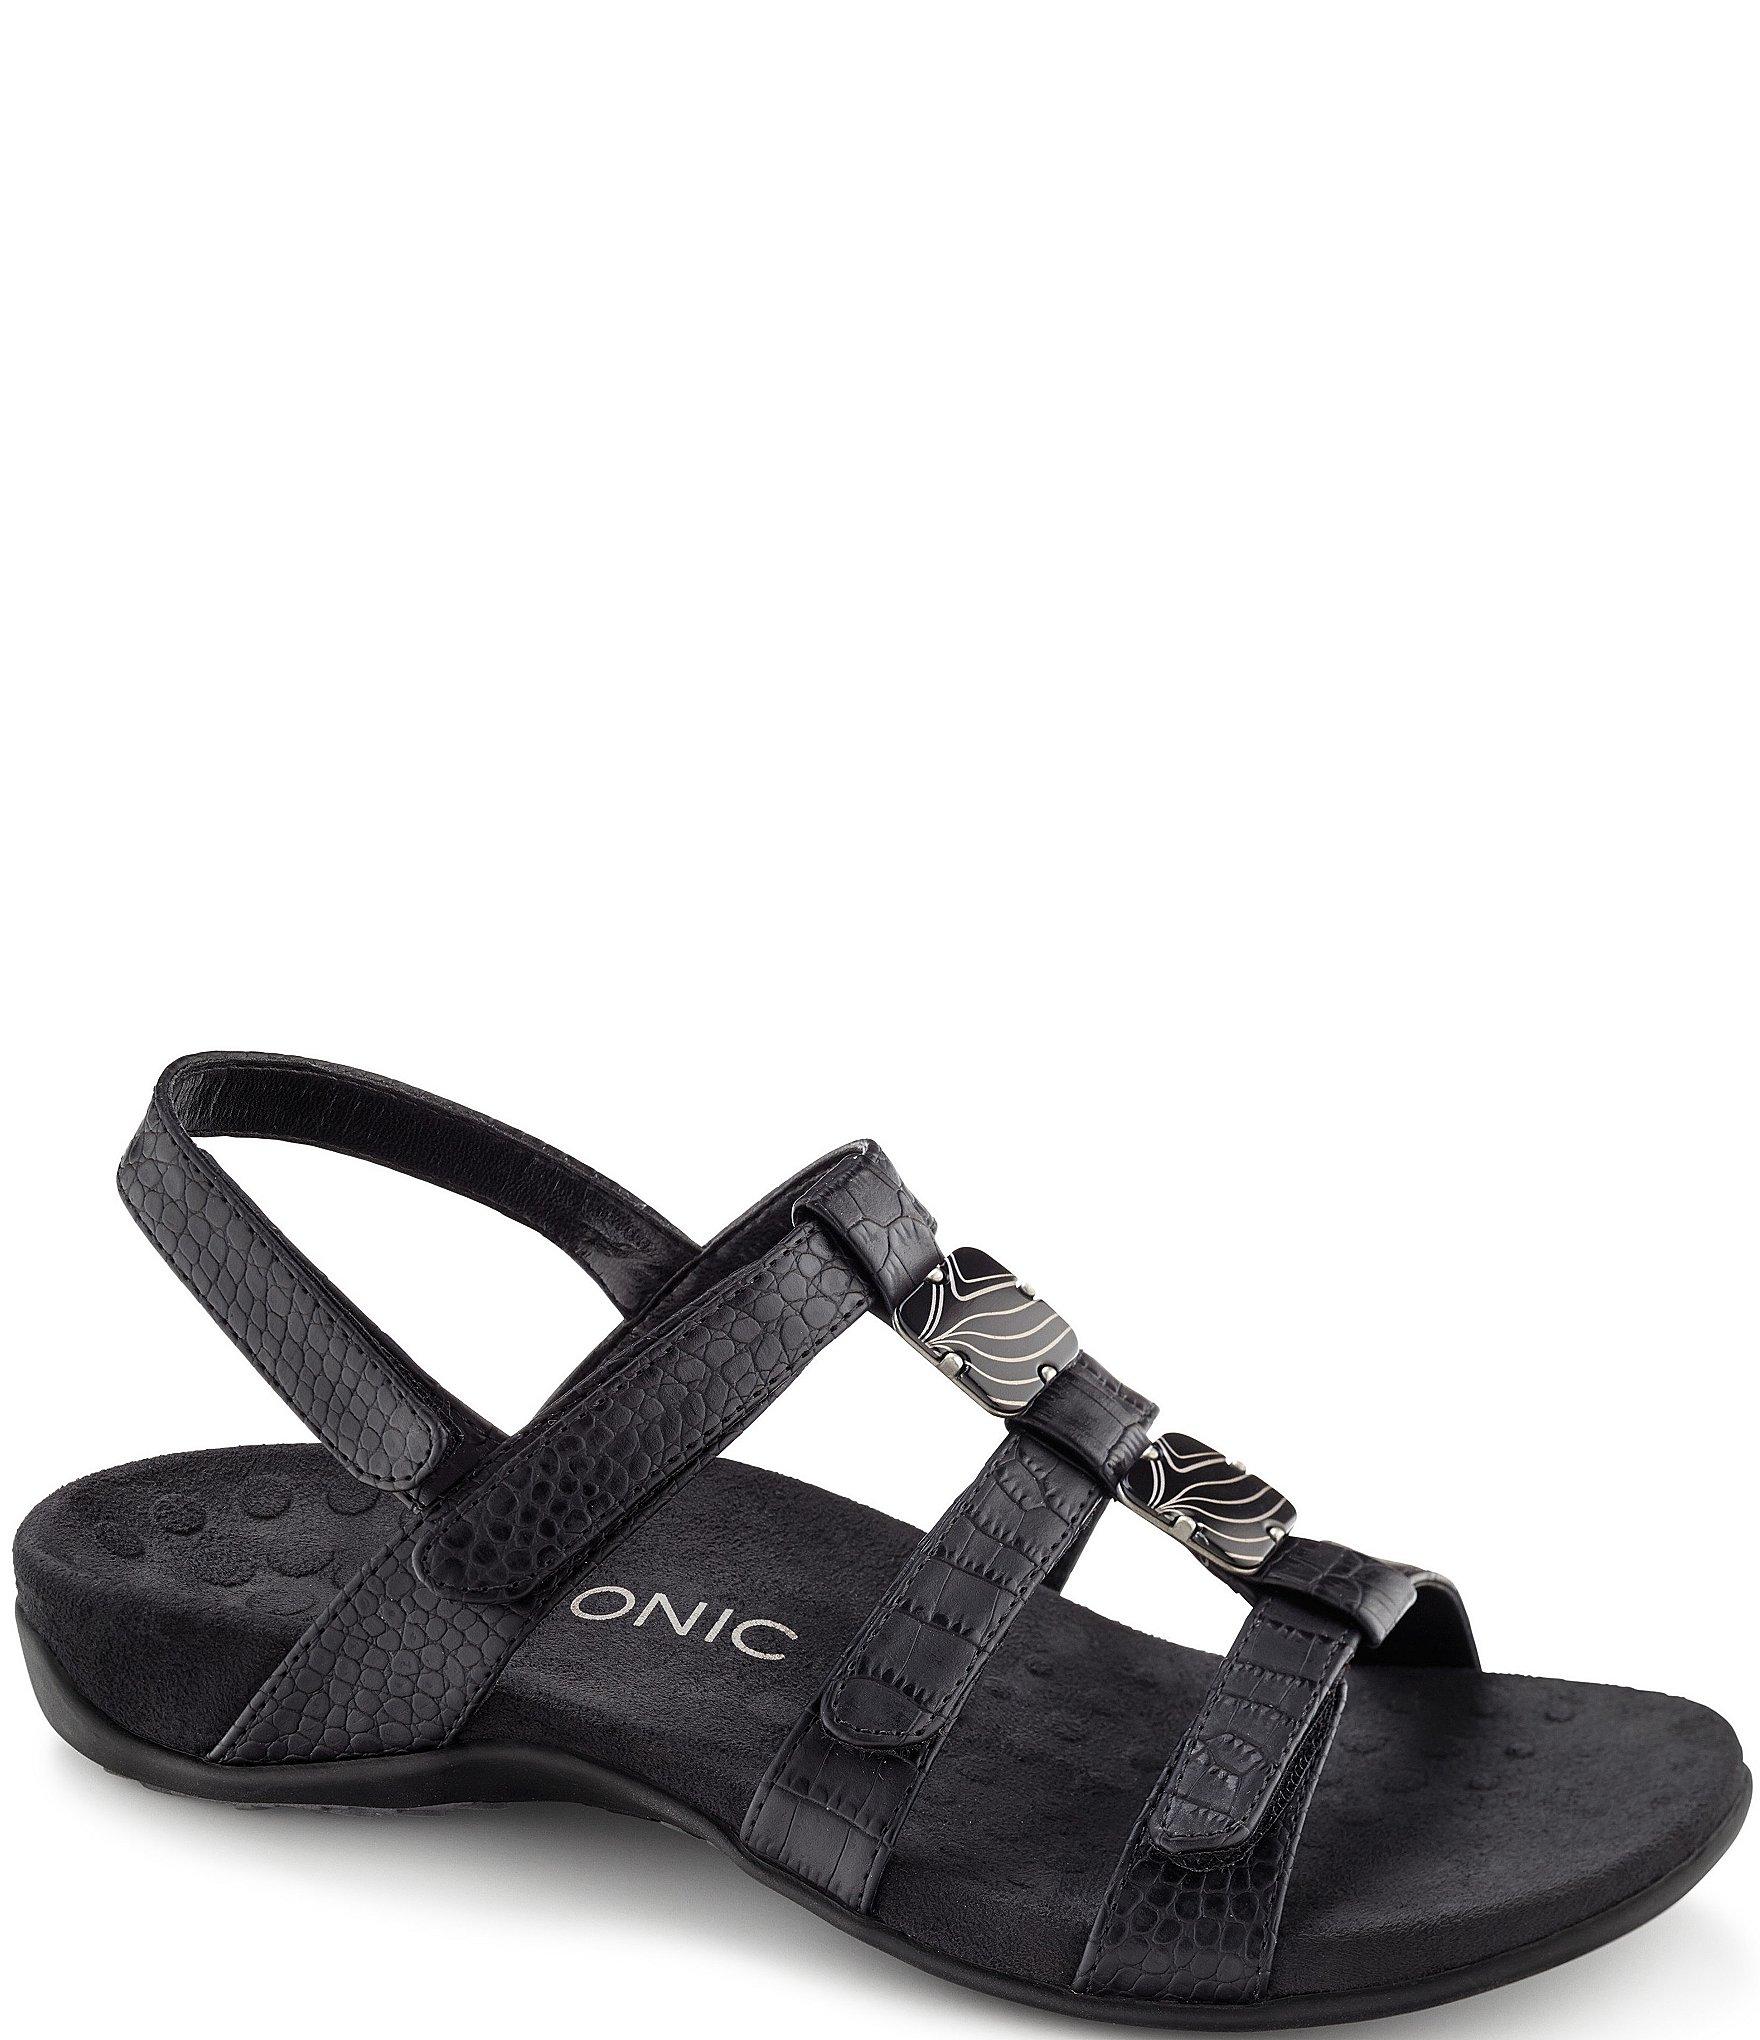 b61c4bee4c7f81 Vionic Amber Beaded Sandals